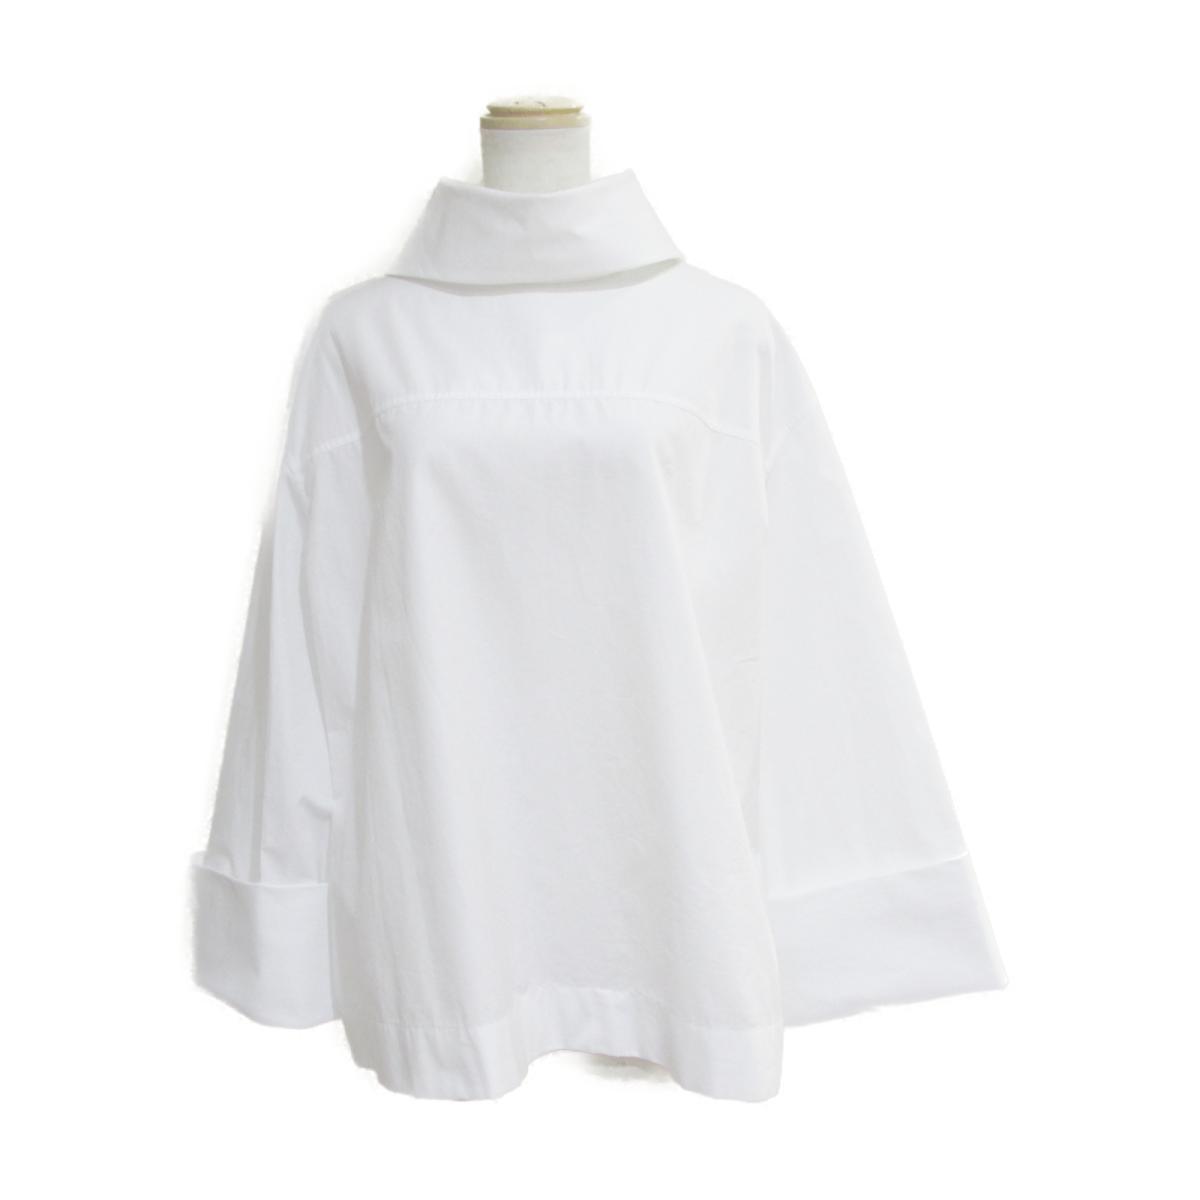 【中古】 ザ・ロー 2019 シャツ レディース コットン100% ホワイト | THE ROW BRANDOFF ブランドオフ 衣料品 衣類 ブランド トップス ブラウス